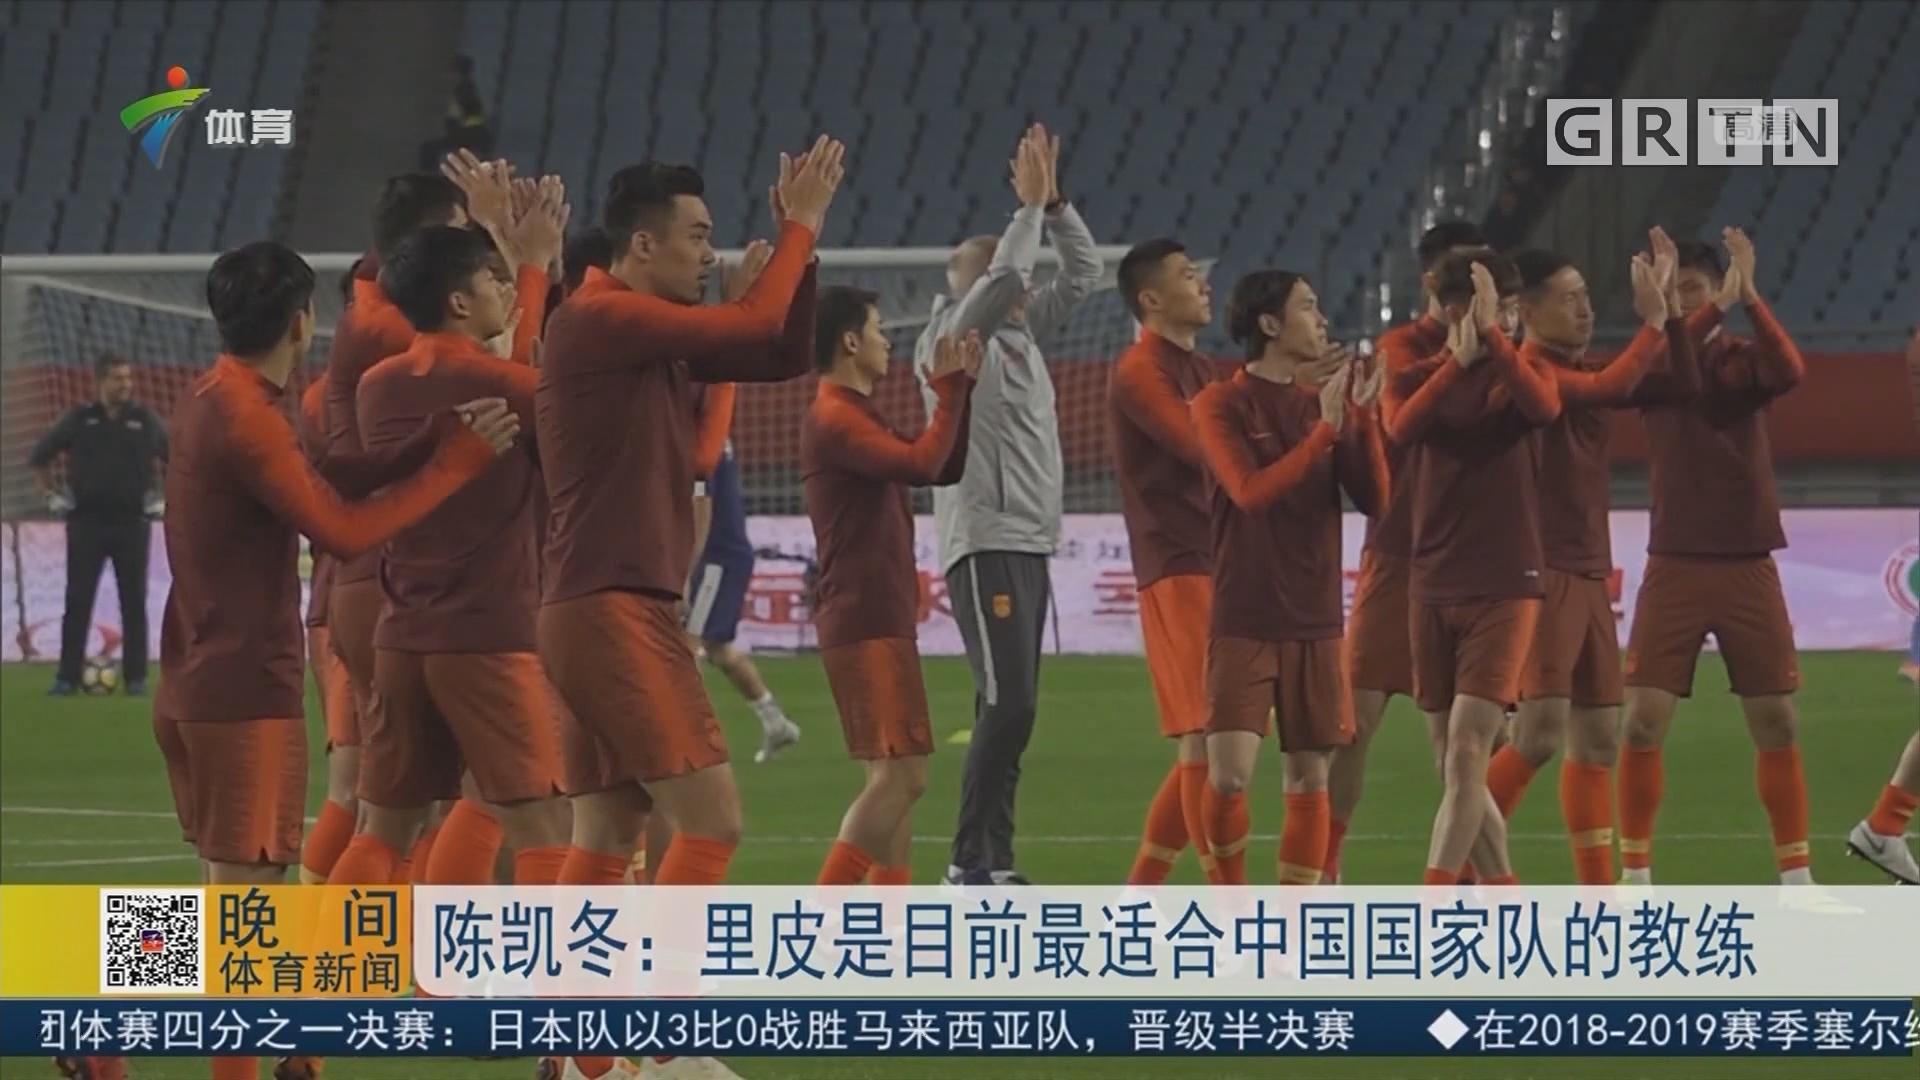 陈凯冬:里皮是目前最适合中国国家队的教练